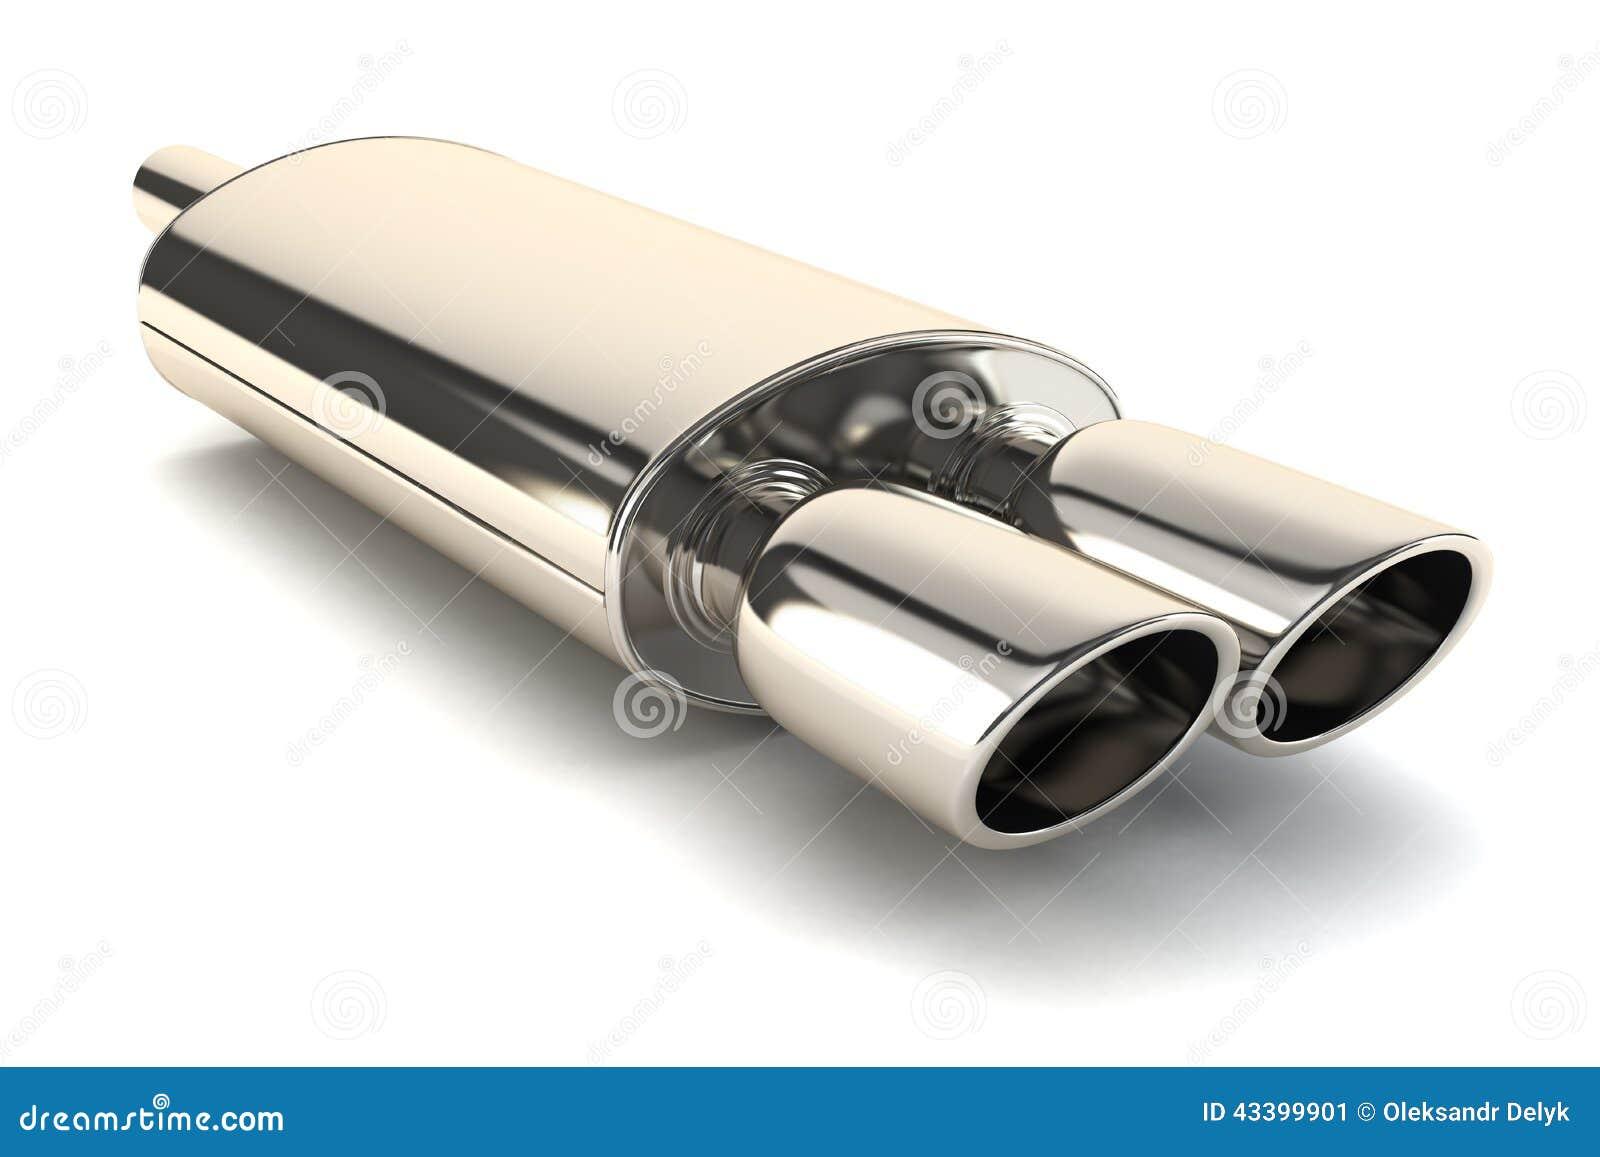 такое использование прямоточных труб в автомобиле ответственность условия